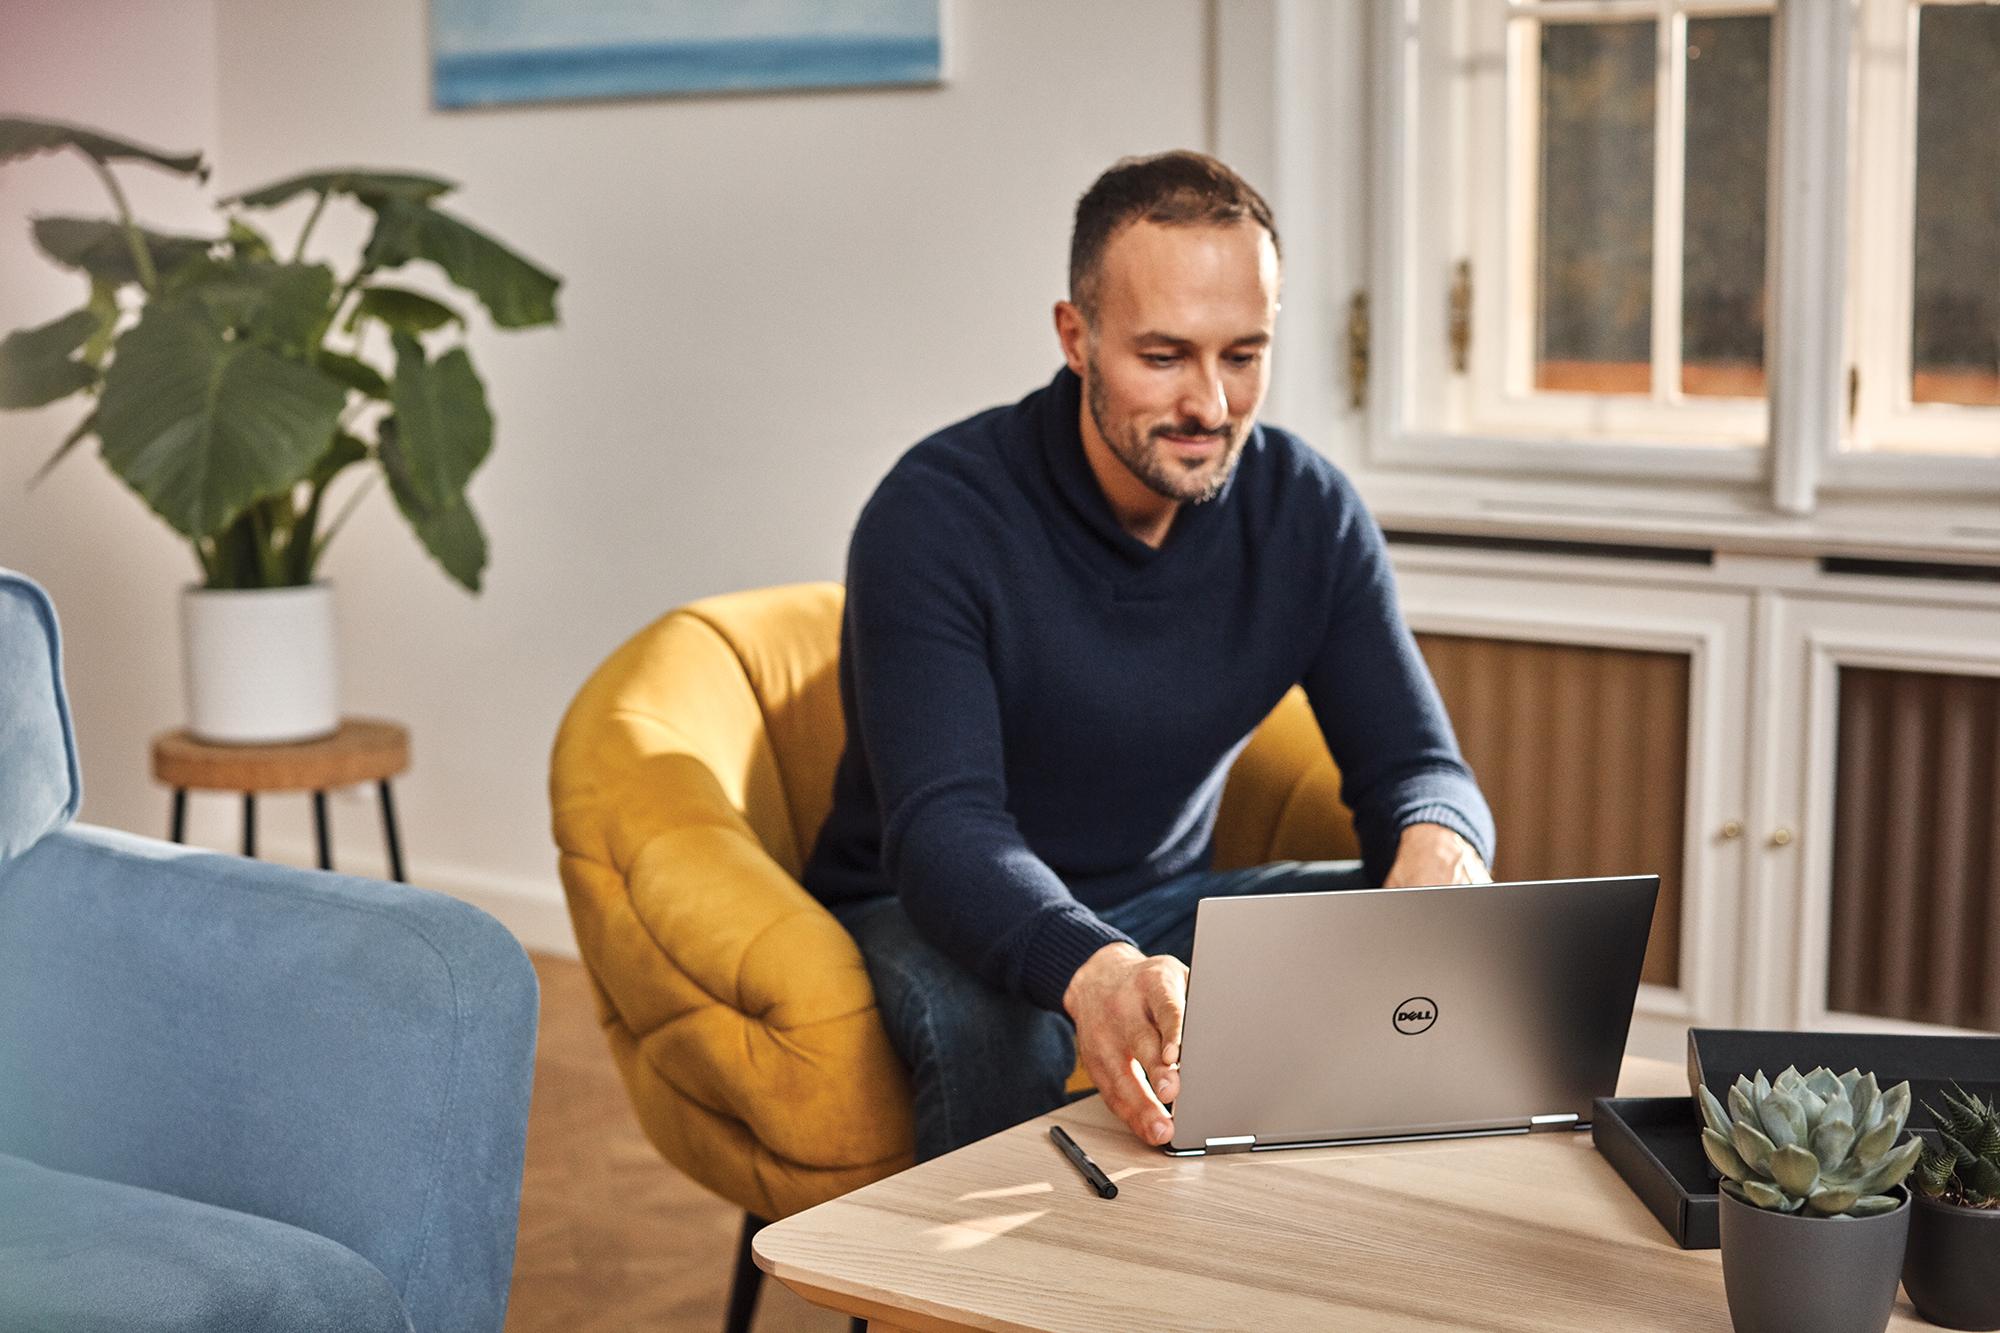 Presentación de Microsoft 365 Busines, el nuevo Office 365